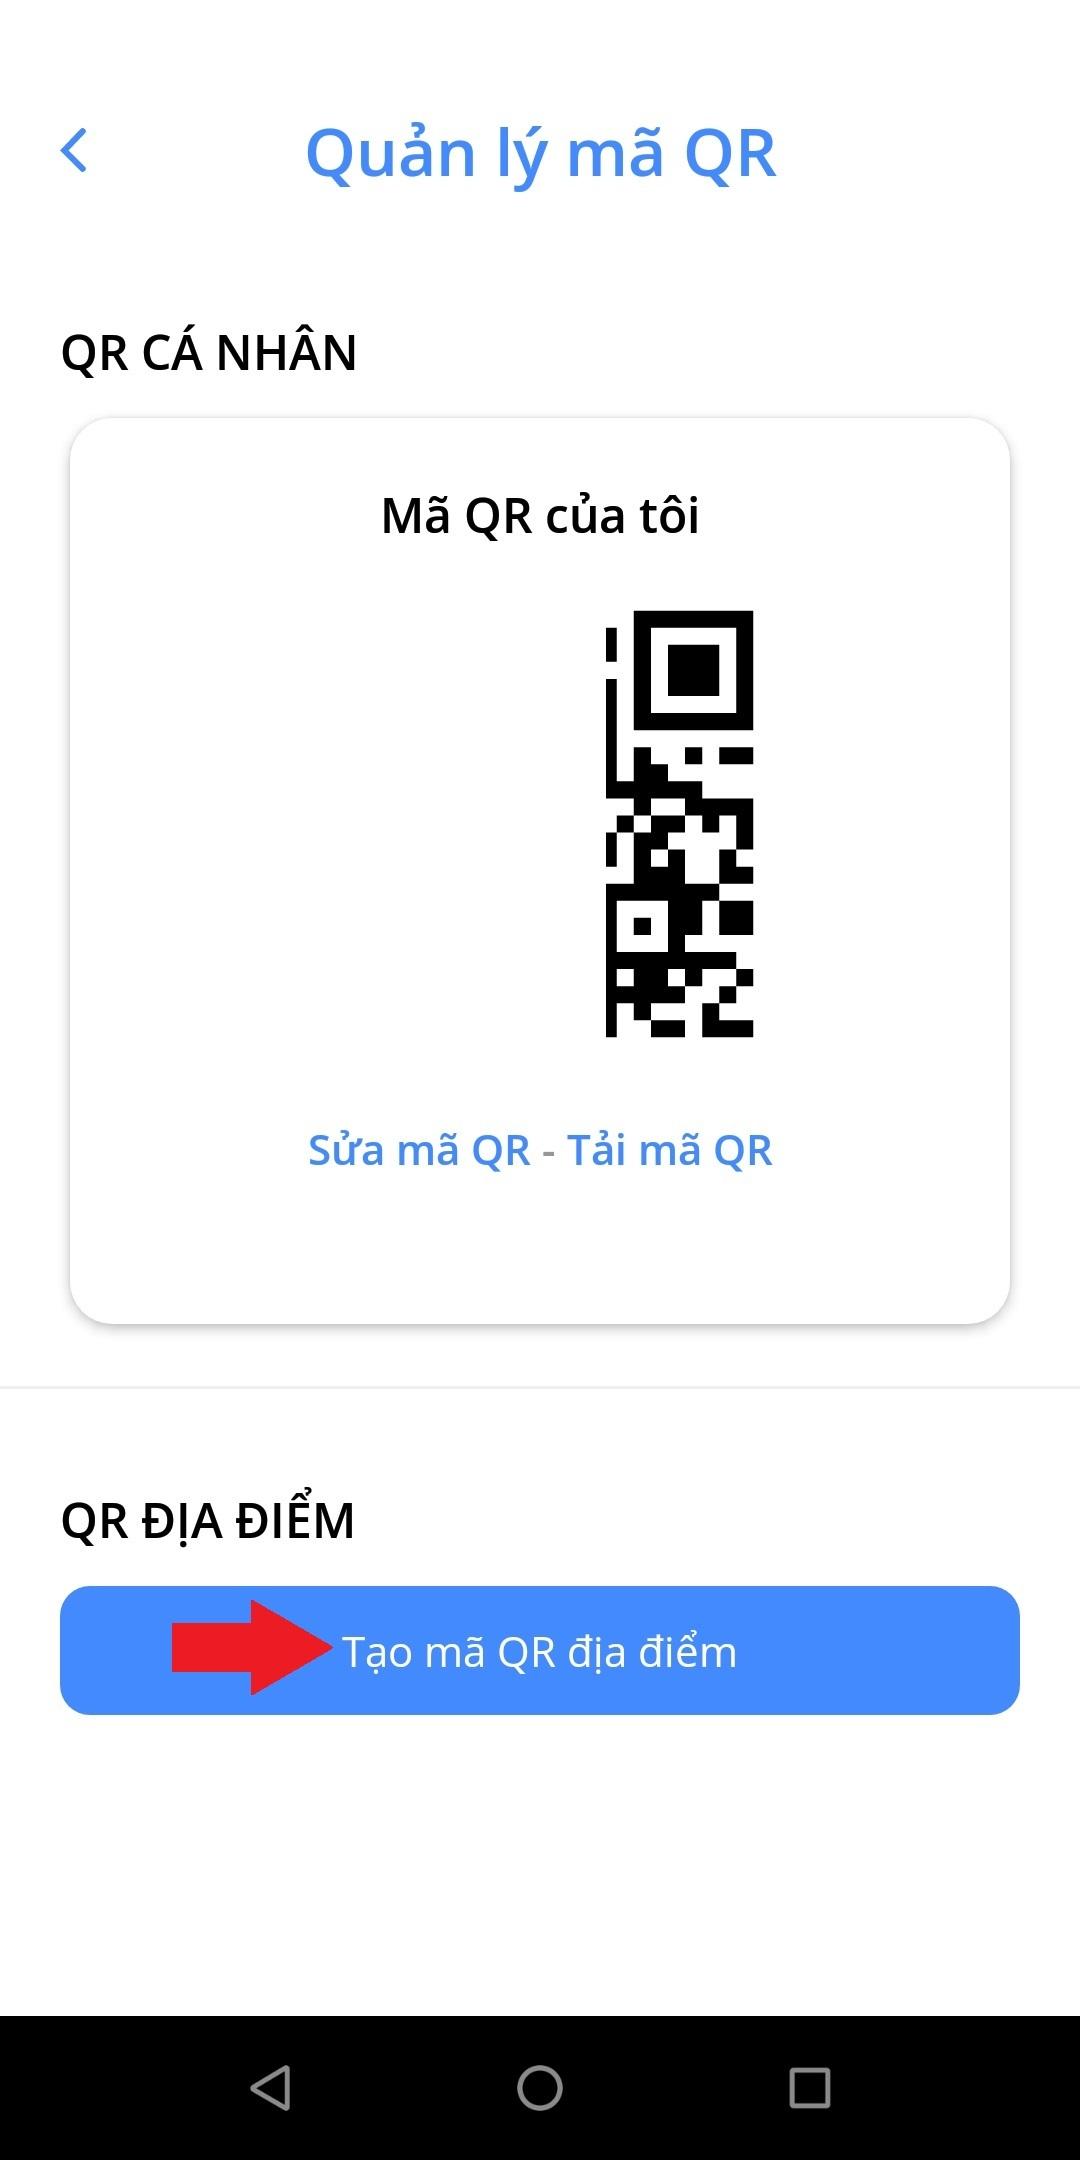 Hướng dẫn tạo mã QR địa điểm trên điện thoại